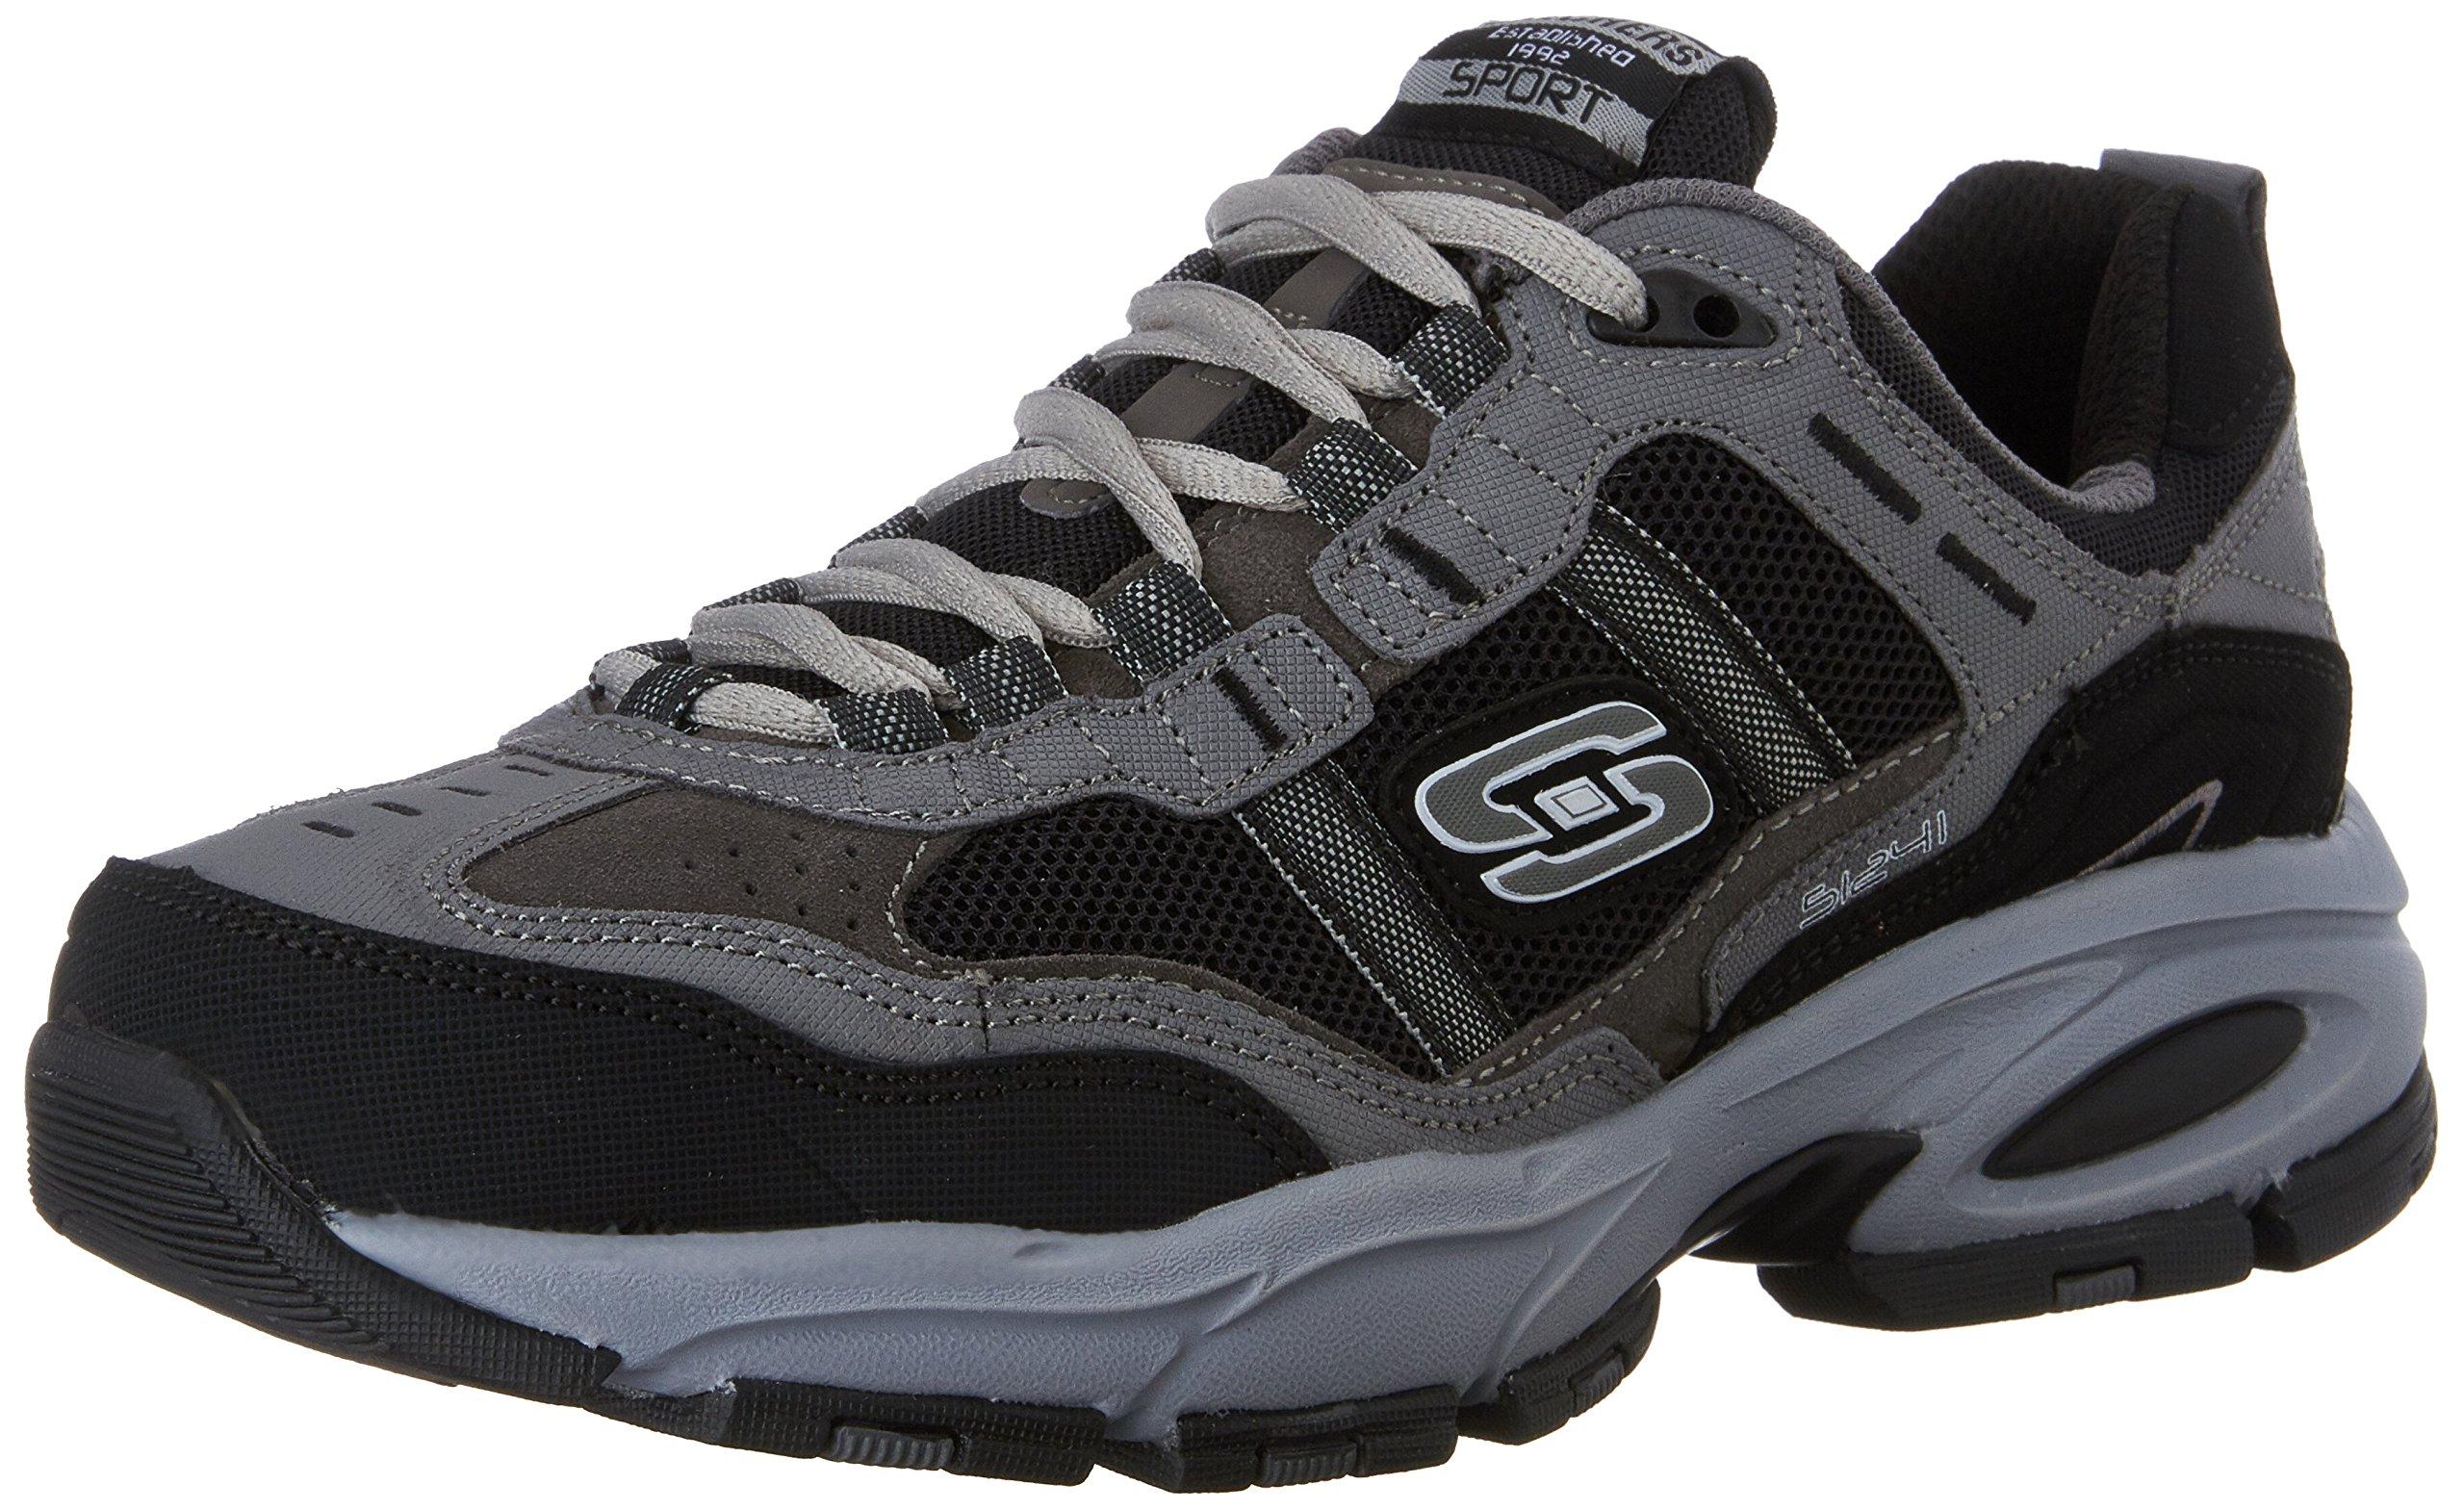 Skechers Sport Men's Vigor 2.0 Trait Memory Foam Sneaker, Charcoal/Black, 7.5 M US by Skechers (Image #1)